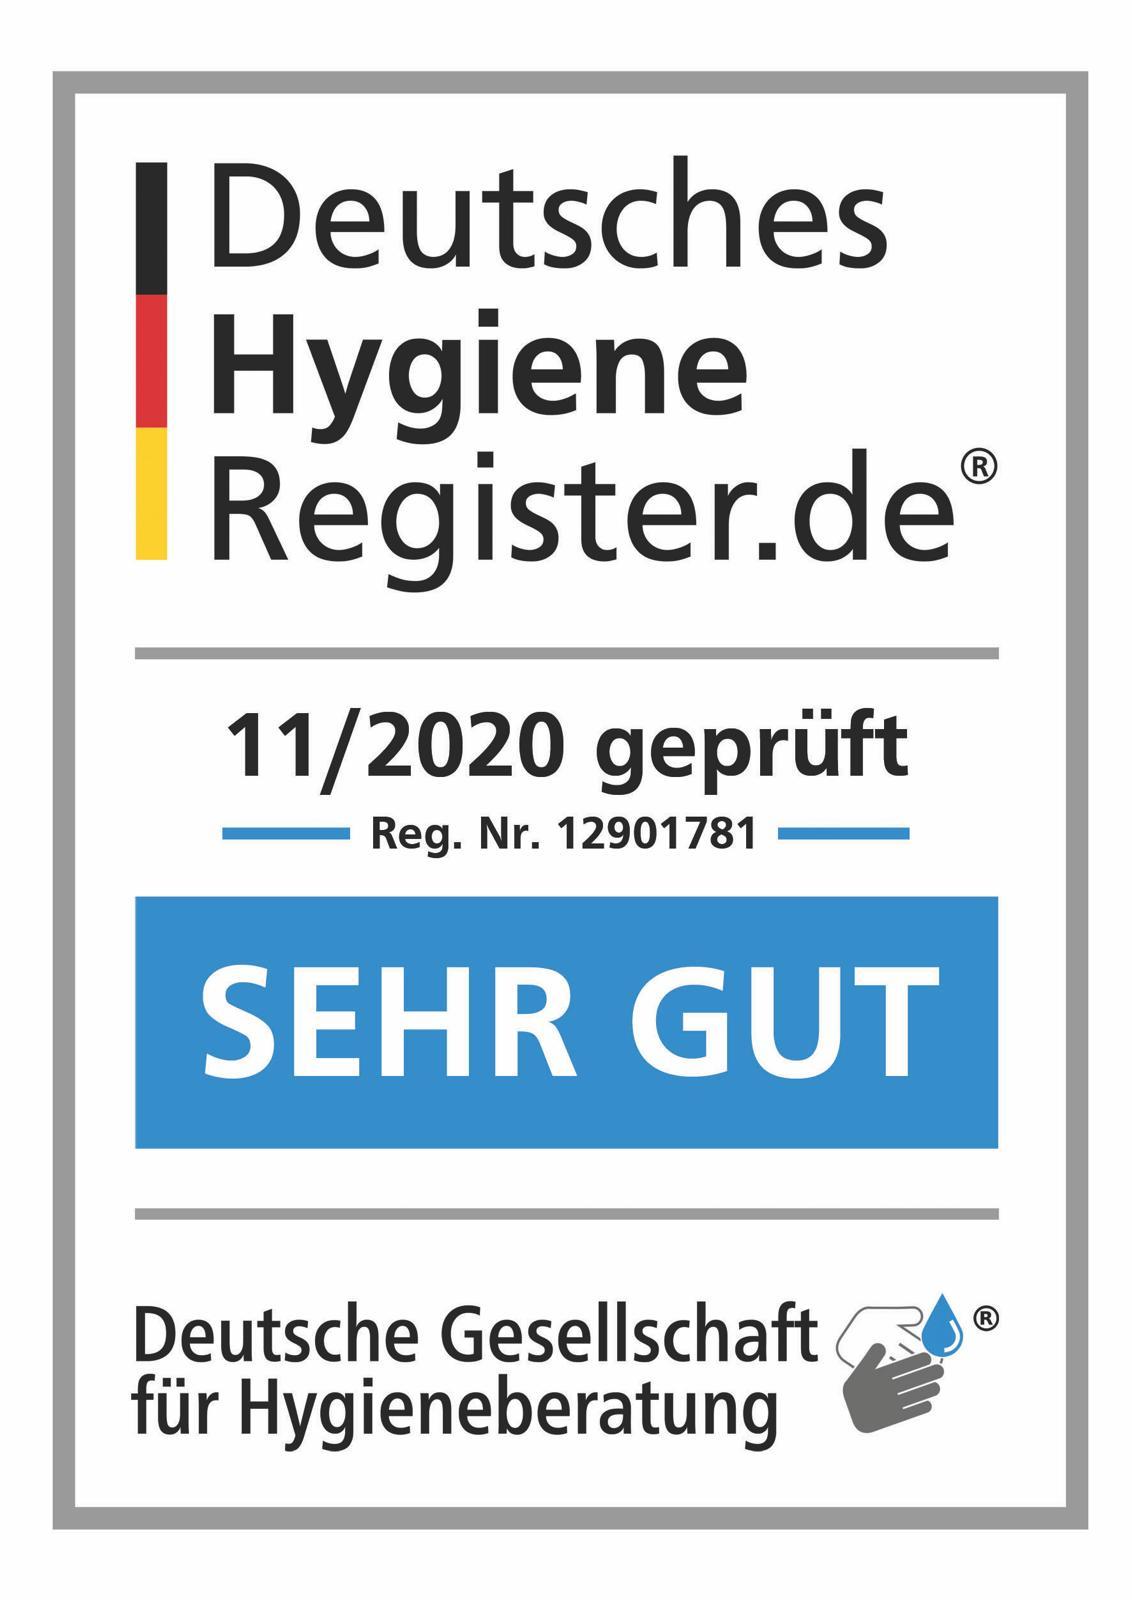 Deutsches Hygiene Register